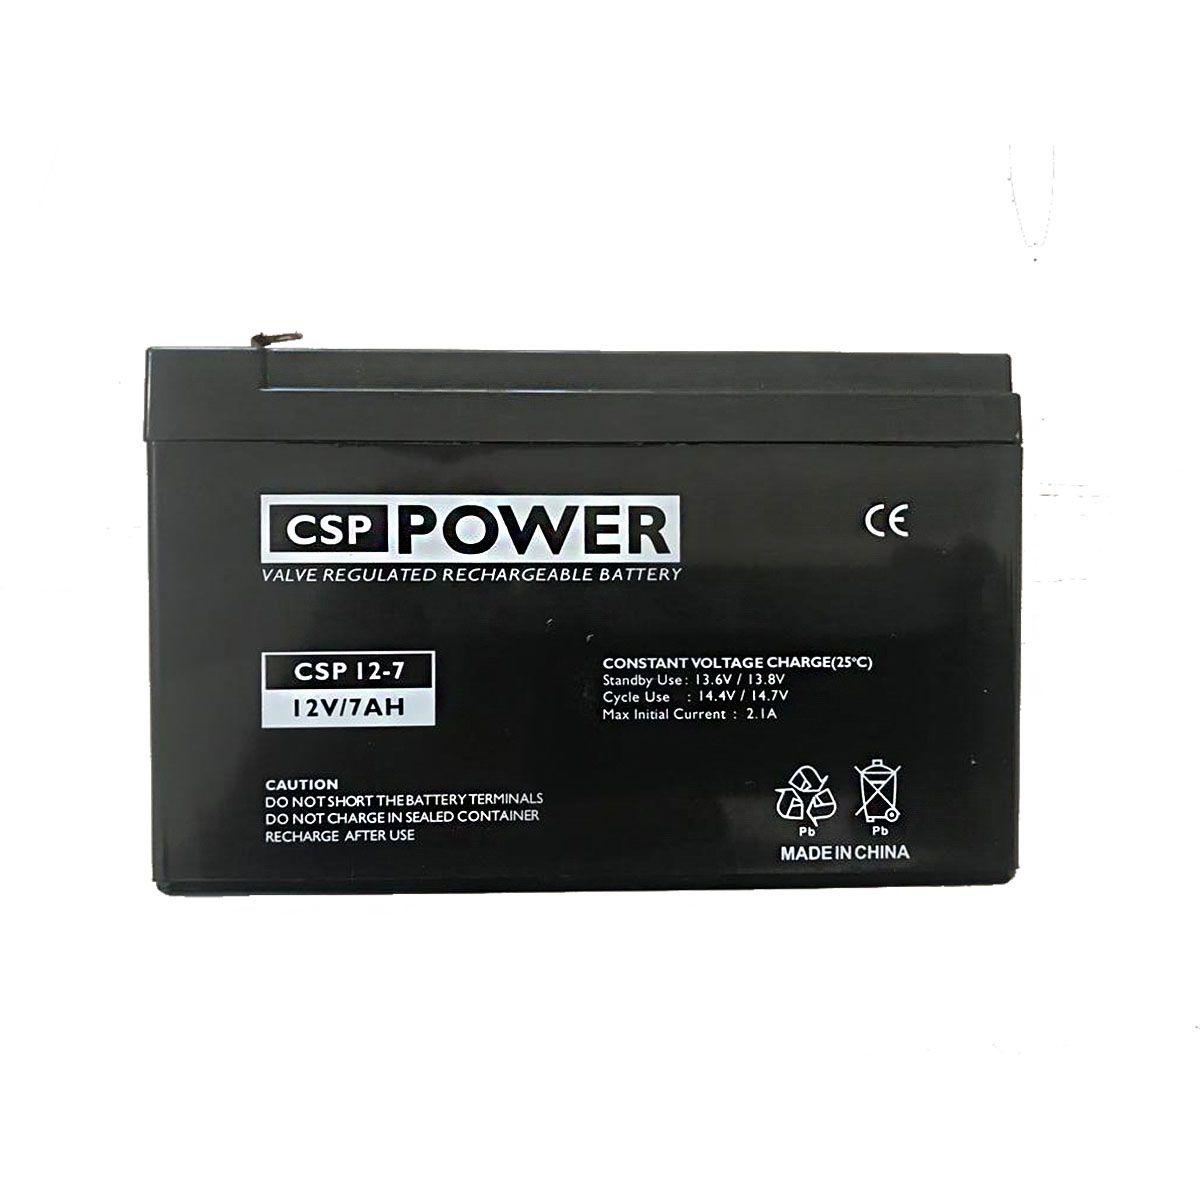 Kit Alarme Gsm Brisa Cell 804 Sensor Sem Fio IrPet 530 e Shc Fit Jfl